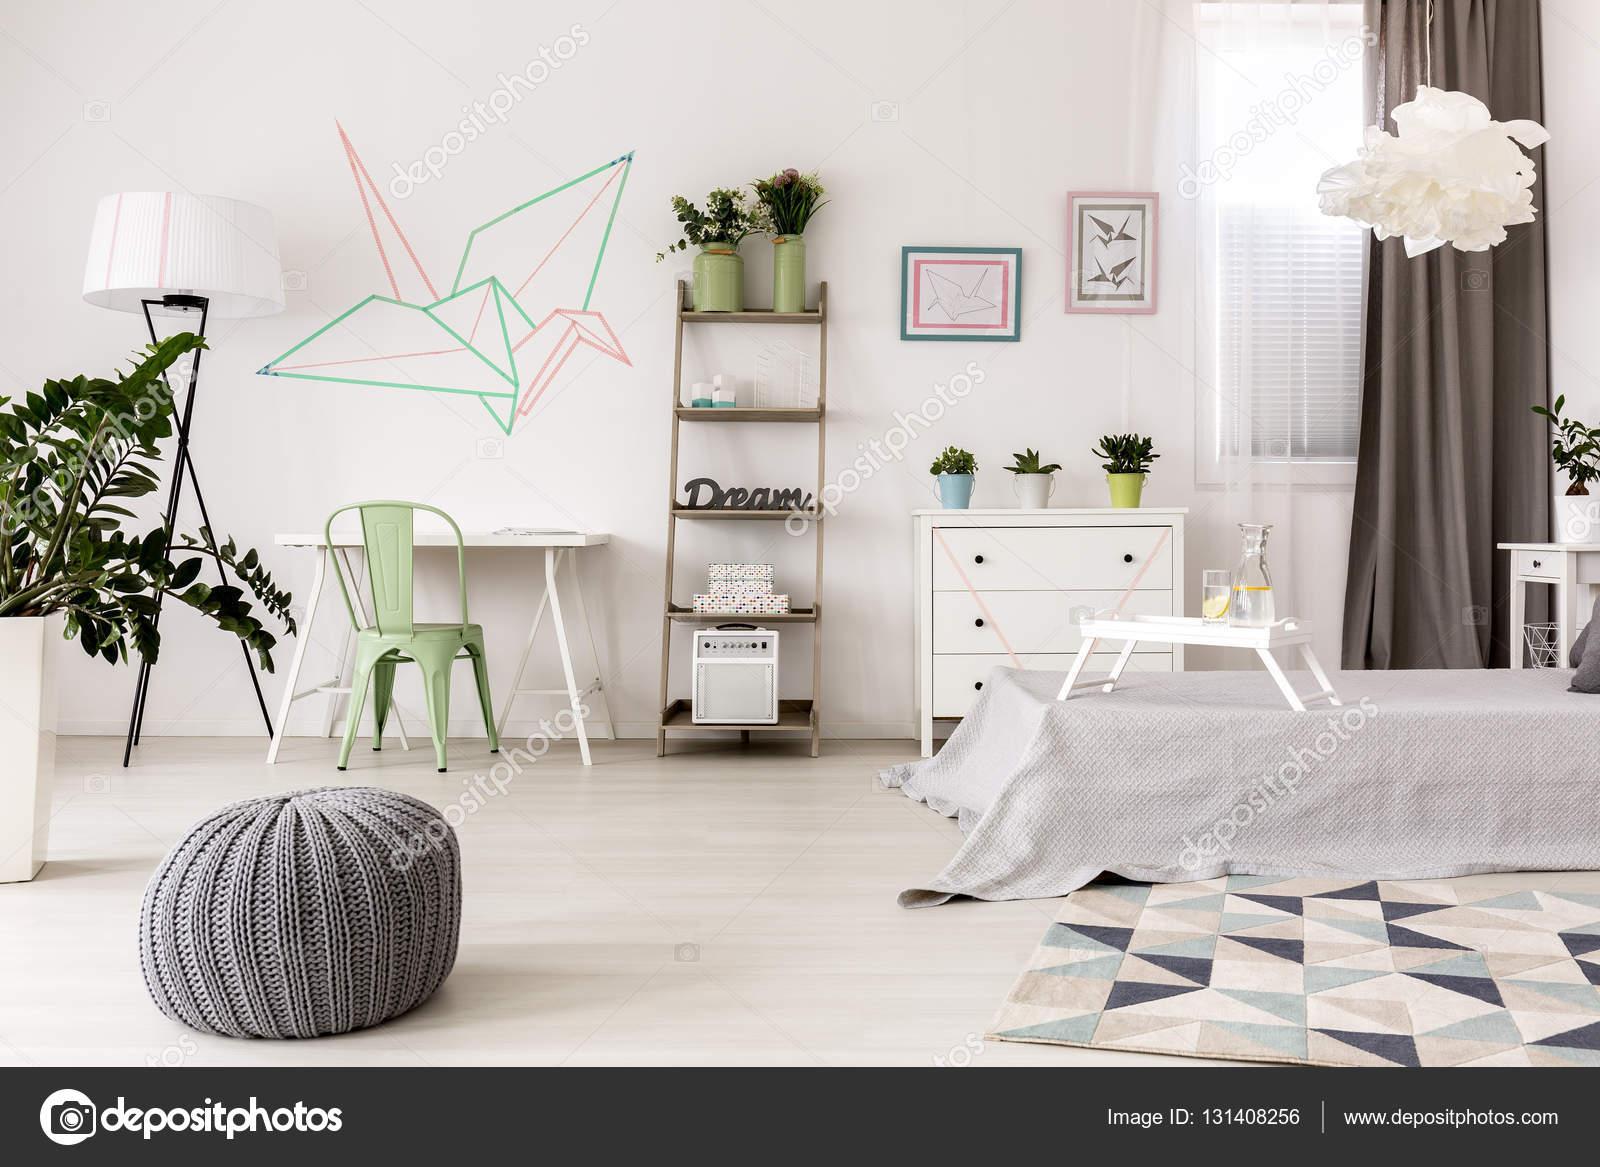 Modernes Zimmer mit kreativen Dekoration — Stockfoto © photographee ...